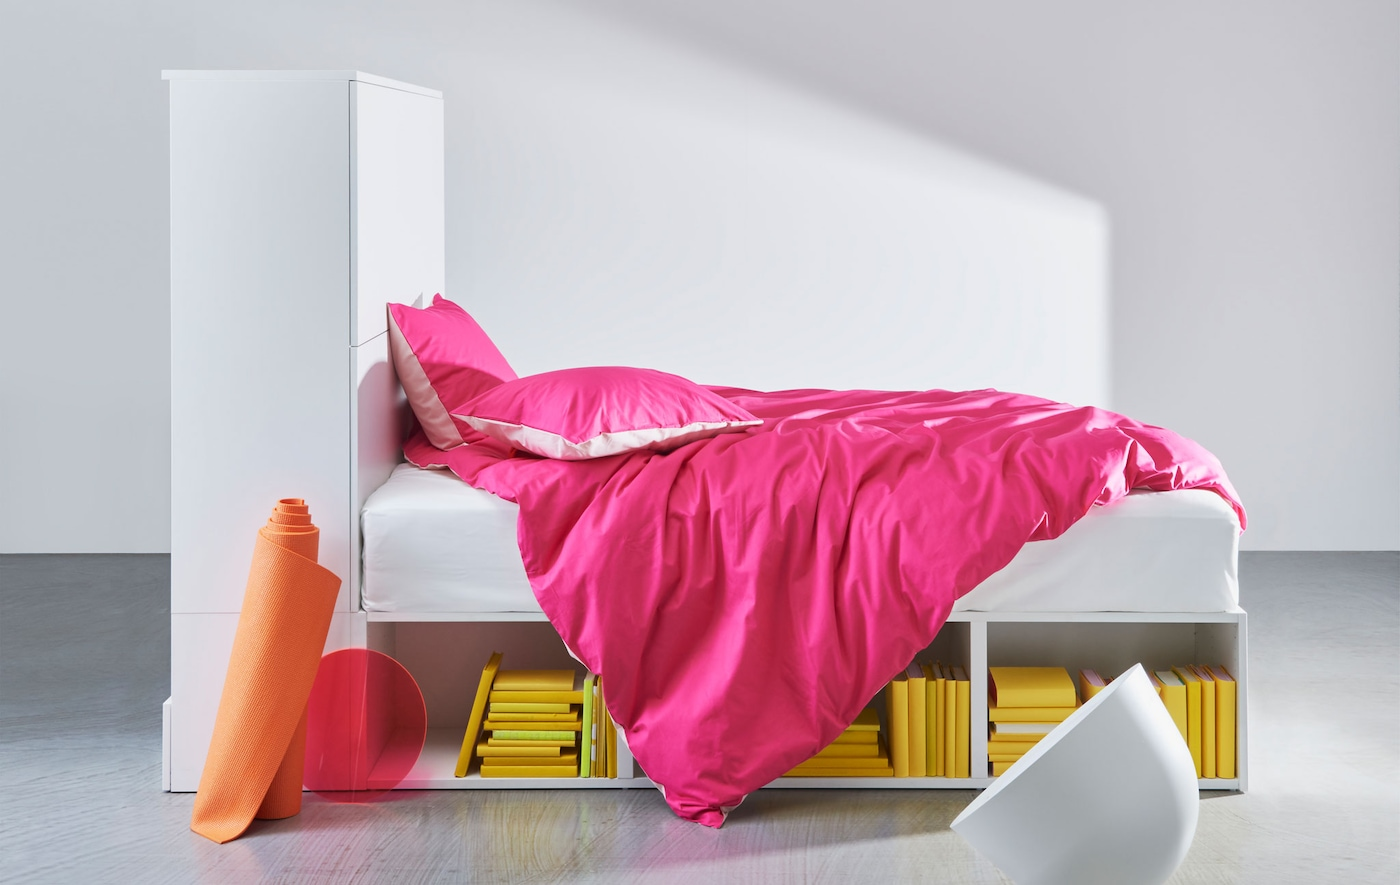 Cadru alb de pat cu depozitare integrată și lenjerie de pat roz.